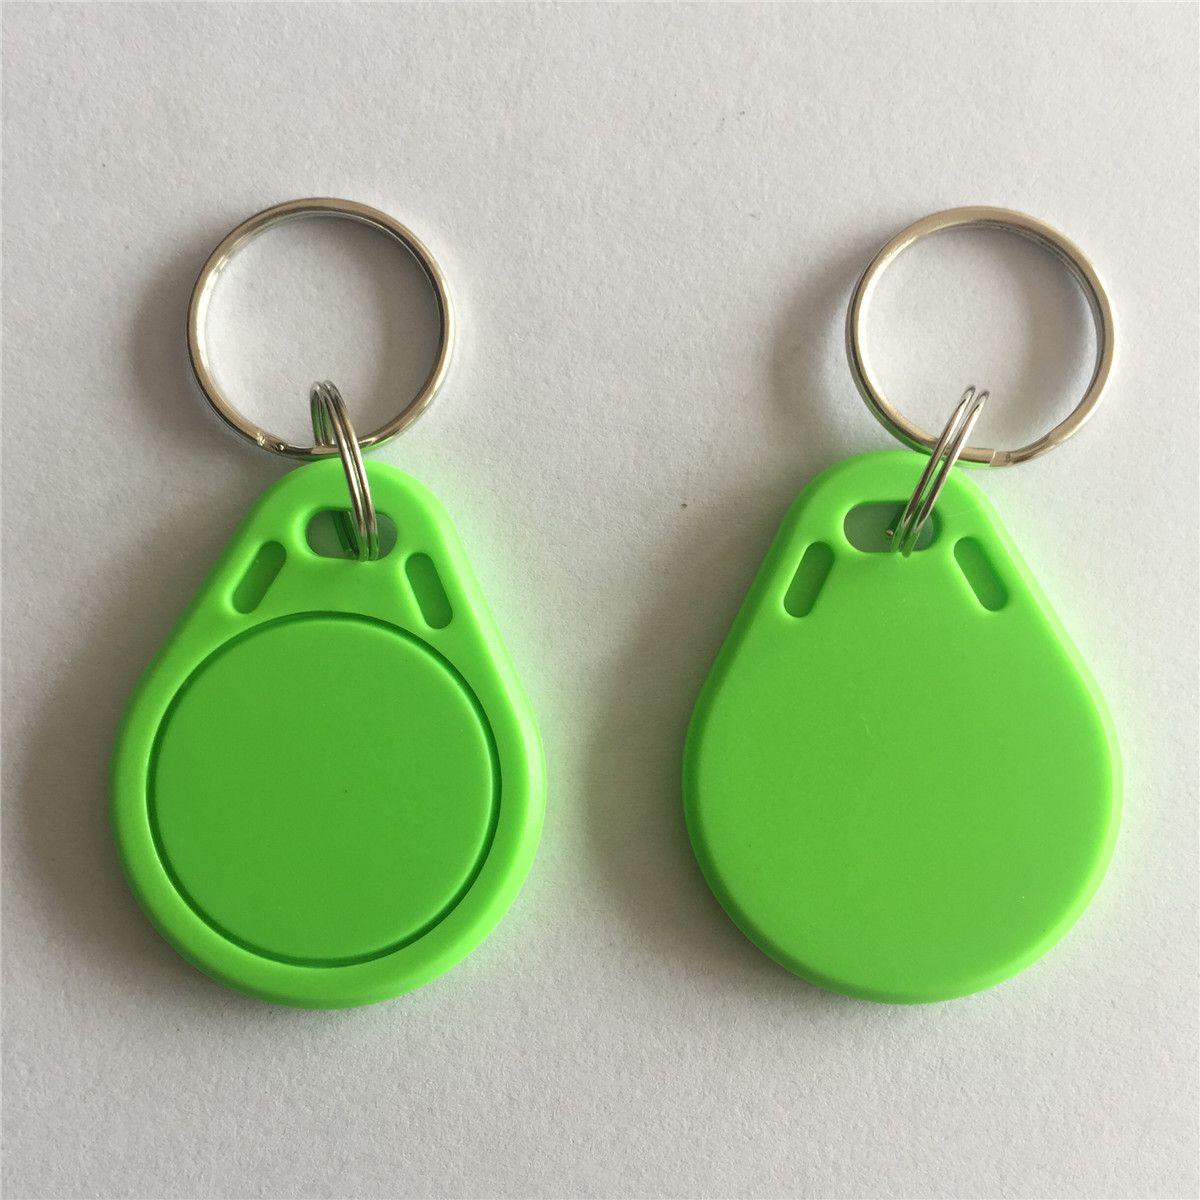 MIFARE Classic® 1K Çip Yeşil Renk Anahtarlık-100 adet / grup